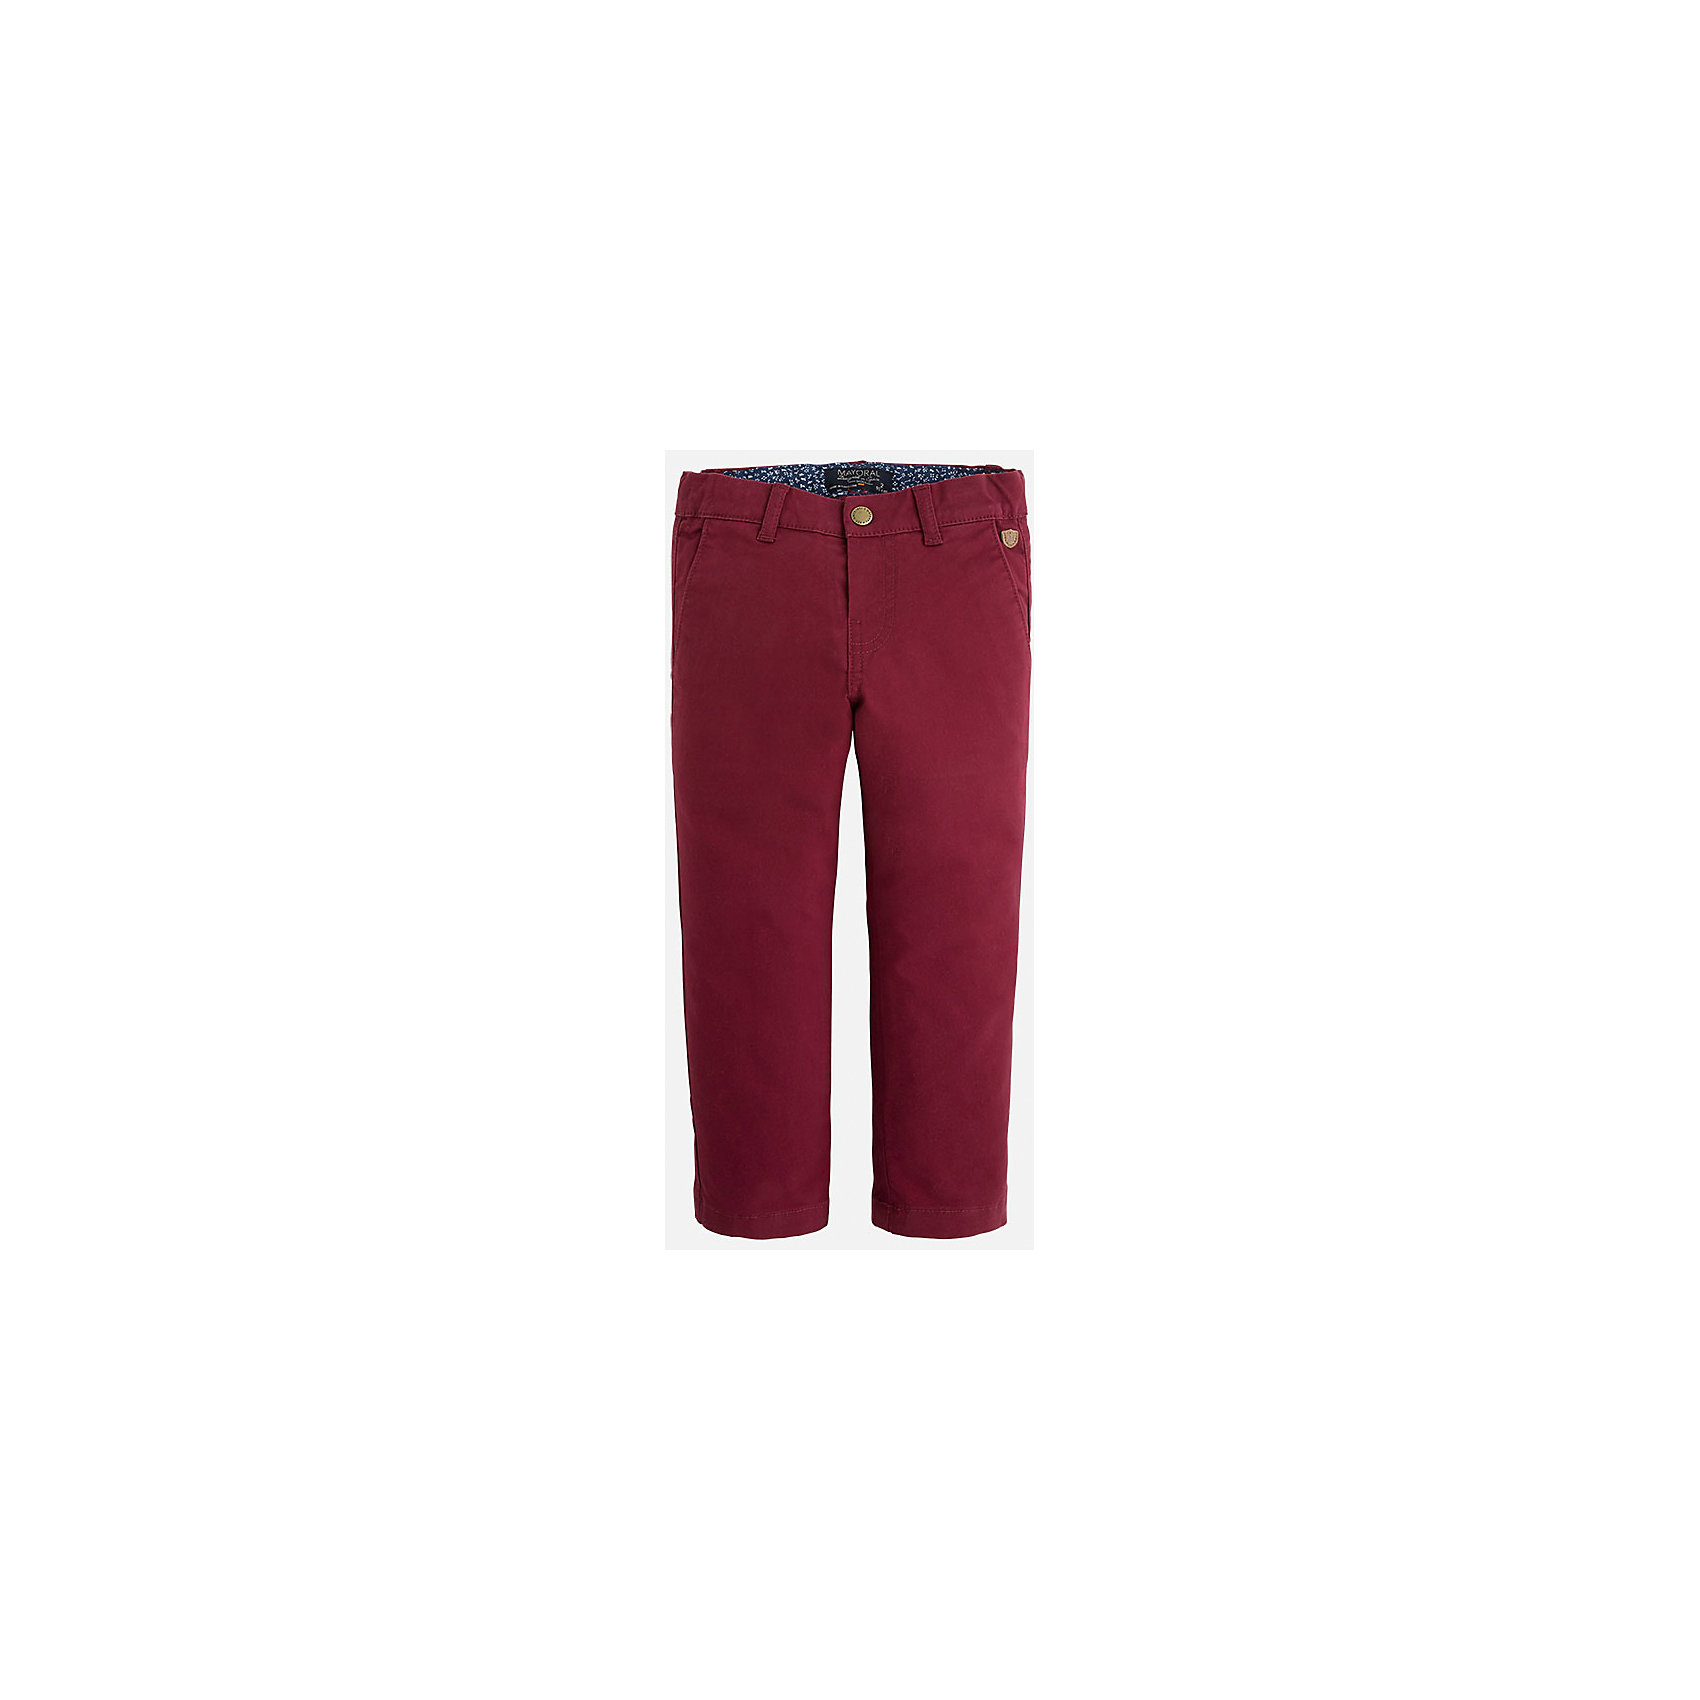 Брюки для мальчика MayoralХорошие, качественные брюки - это необходимый атрибут в гардеробе каждого человека!<br><br>Дополнительная информация:<br><br>- Крой: классический крой (Regular fit).<br>- Страна бренда: Испания.<br>- Состав: хлопок 98%, эластан 2%.<br>- Цвет: вишневый.<br>- Уход: бережная стирка при 30 градусах.<br><br>Купить брюки для мальчика Mayoral можно в нашем магазине.<br><br>Ширина мм: 215<br>Глубина мм: 88<br>Высота мм: 191<br>Вес г: 336<br>Цвет: бордовый<br>Возраст от месяцев: 60<br>Возраст до месяцев: 72<br>Пол: Мужской<br>Возраст: Детский<br>Размер: 116,110,98,104,122,134,128<br>SKU: 4826655